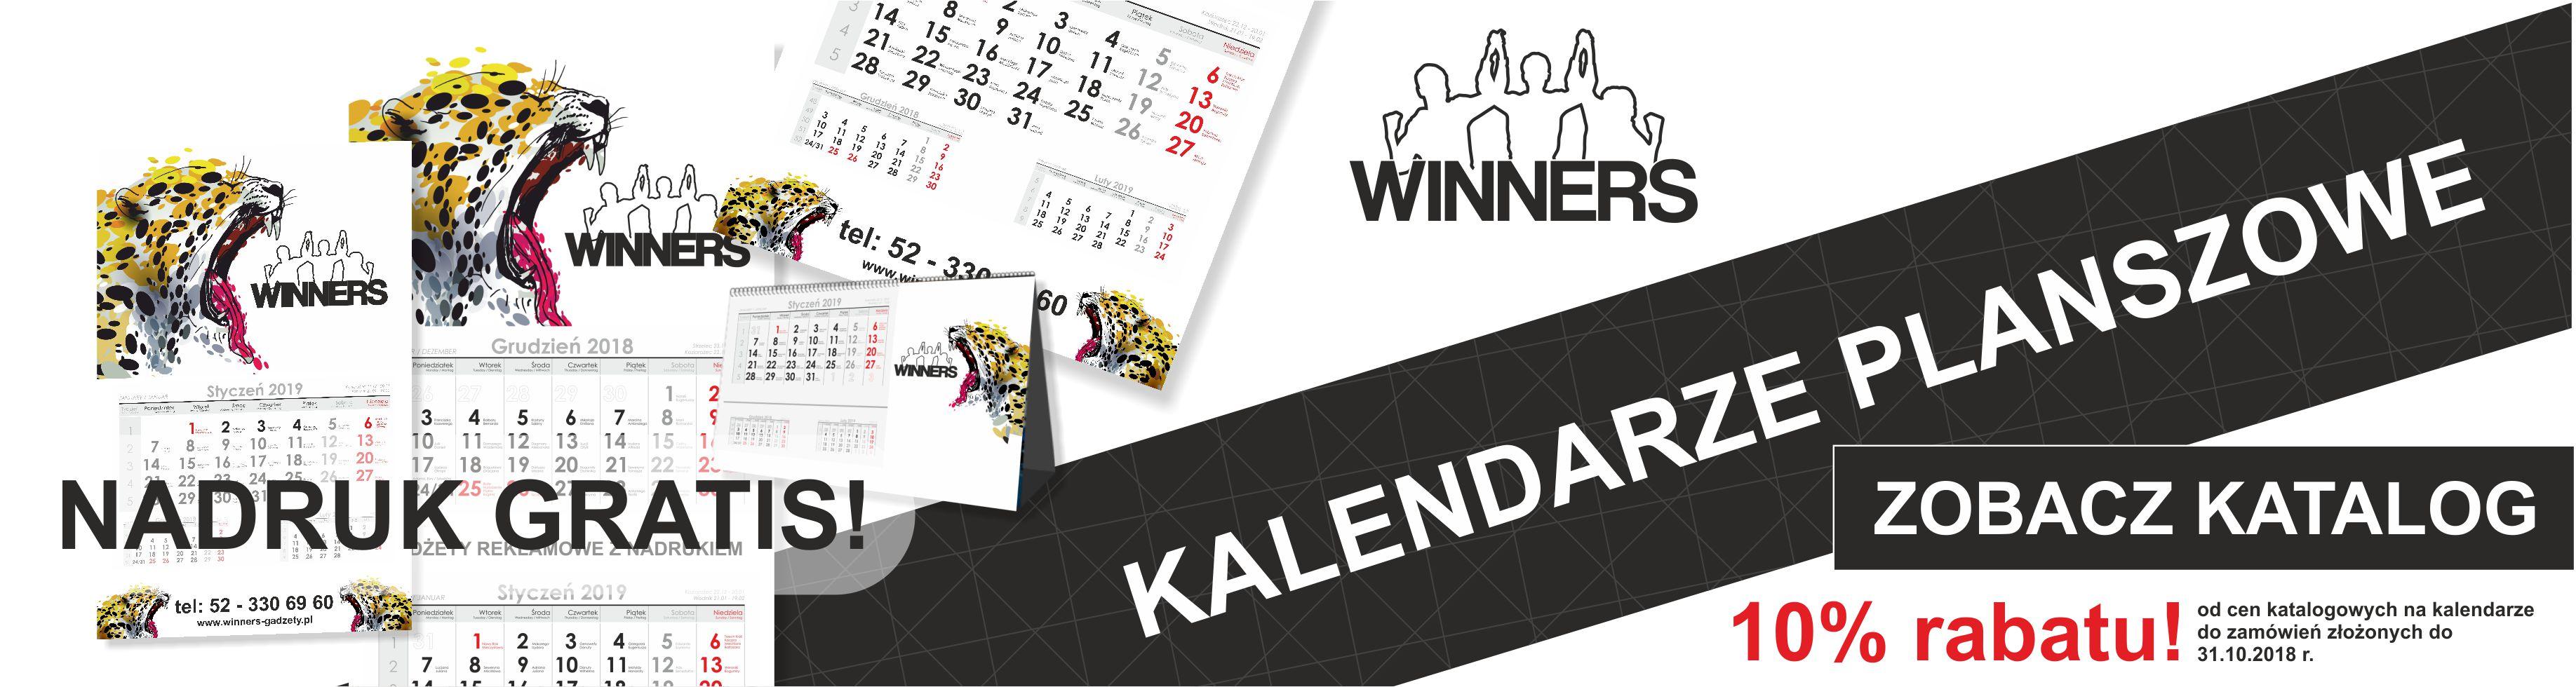 baner kalendarze planszowe10%rabatu